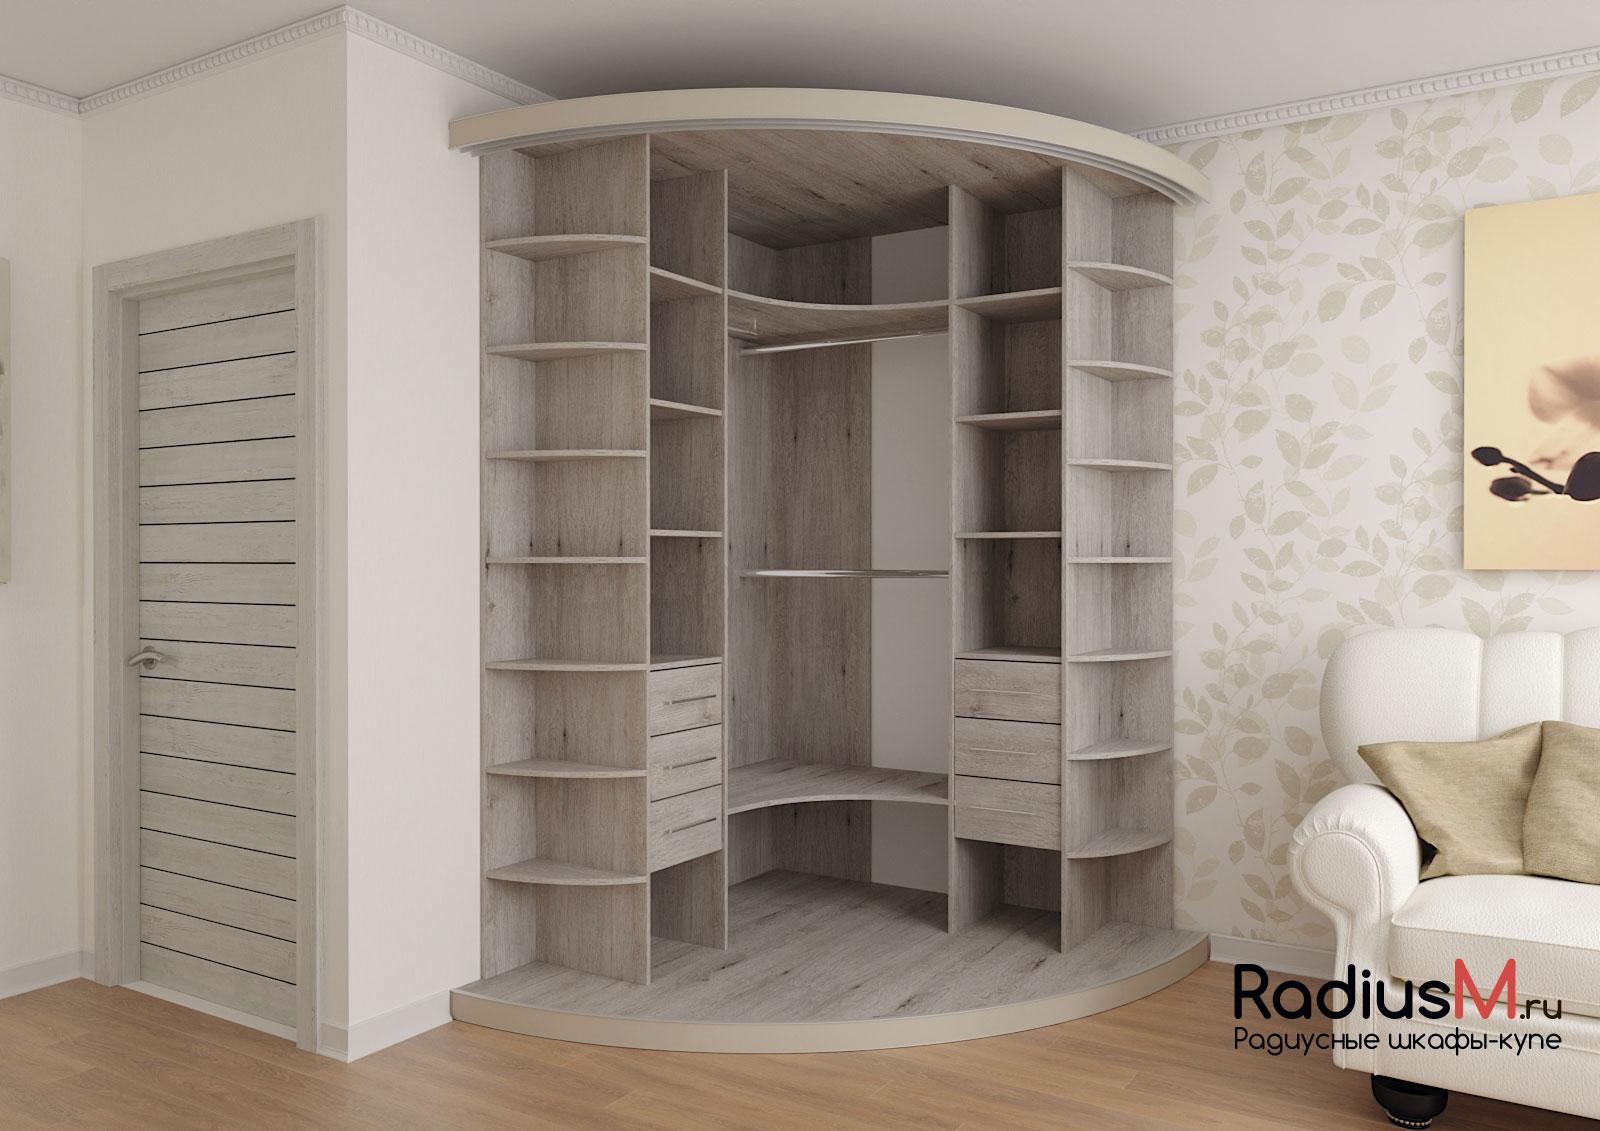 Бежевый радиусный шкаф